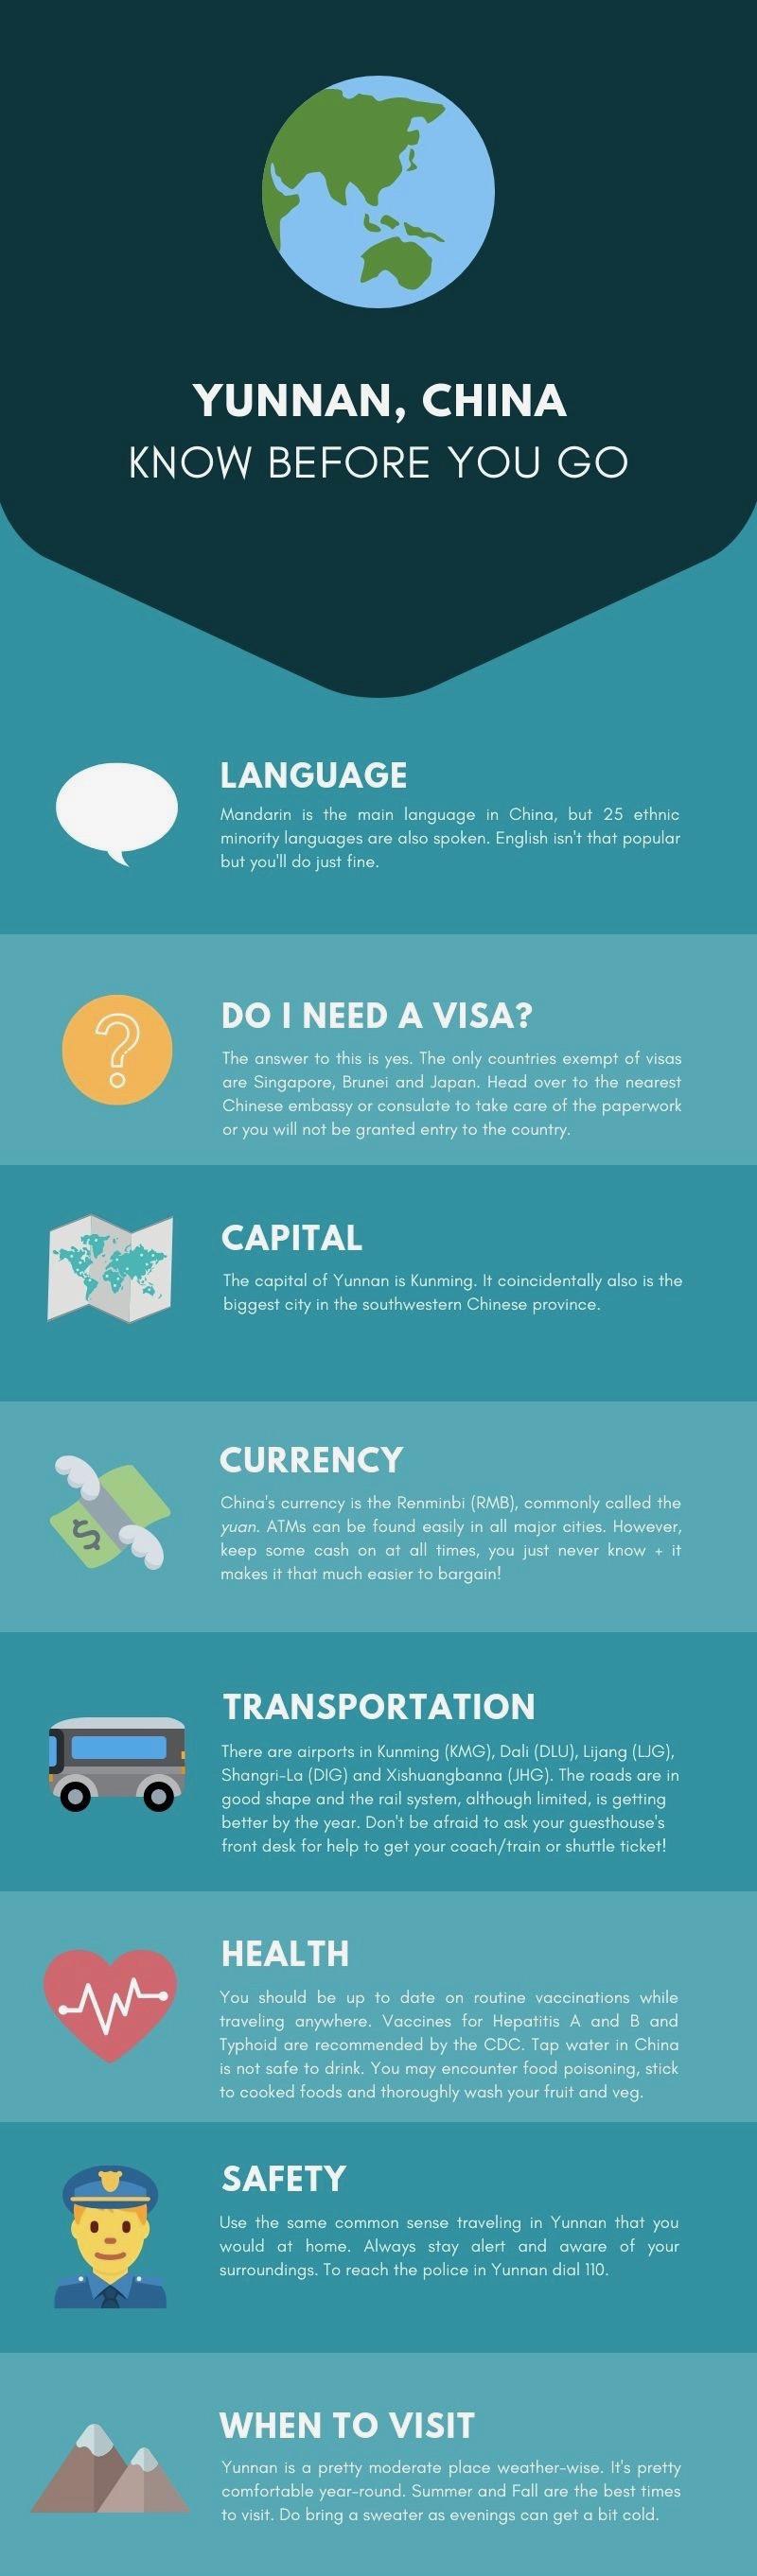 yunnan china infographic